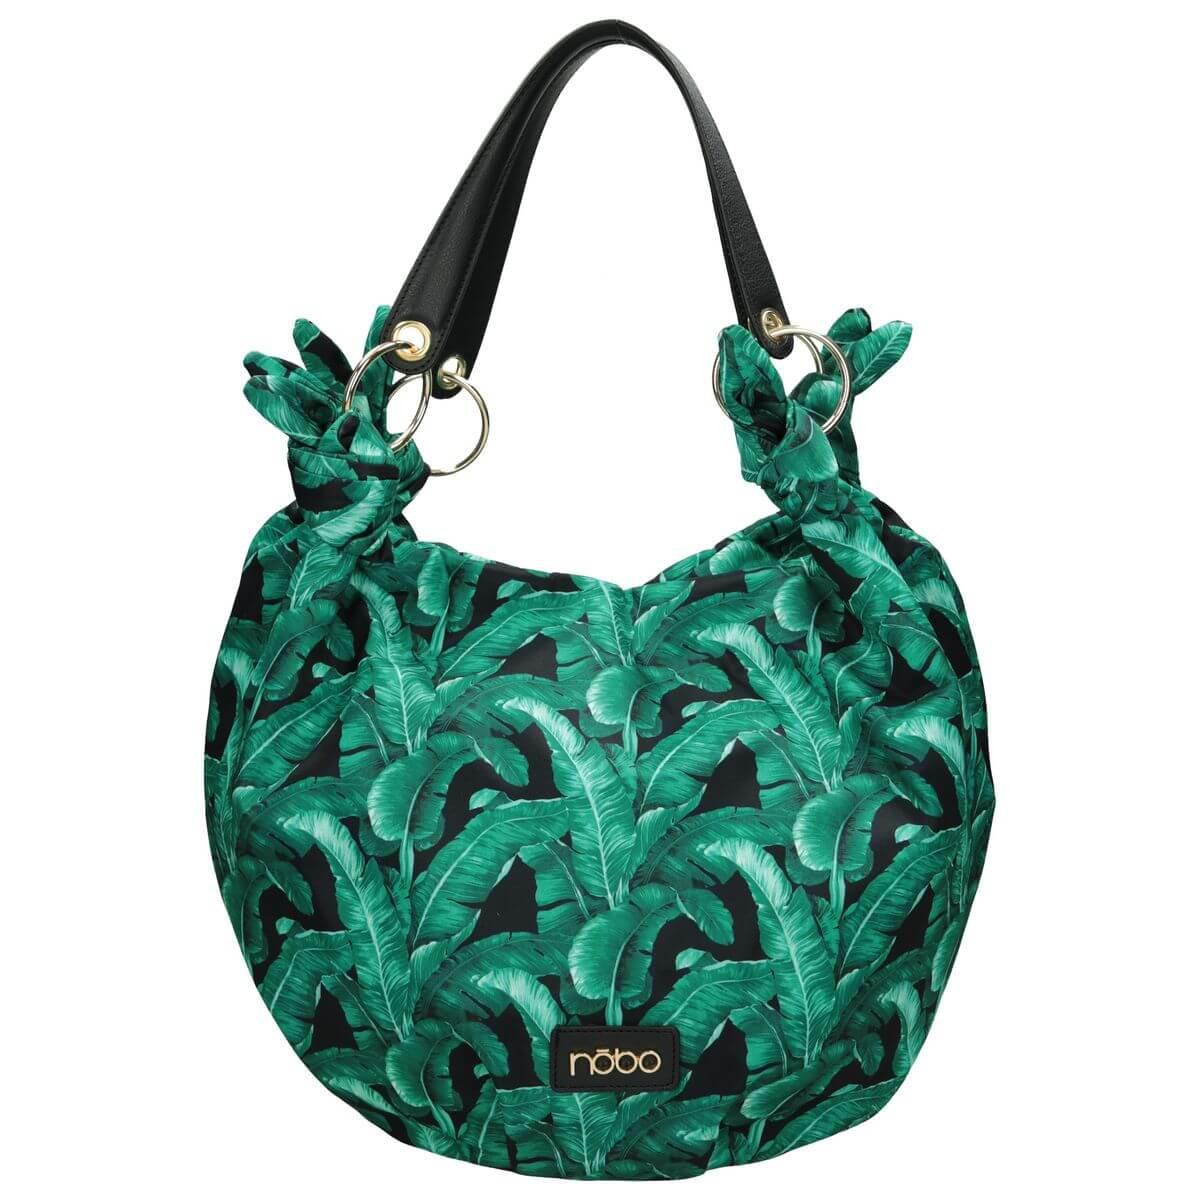 Nobo Woman's Bag NBAG-I0750-CM20